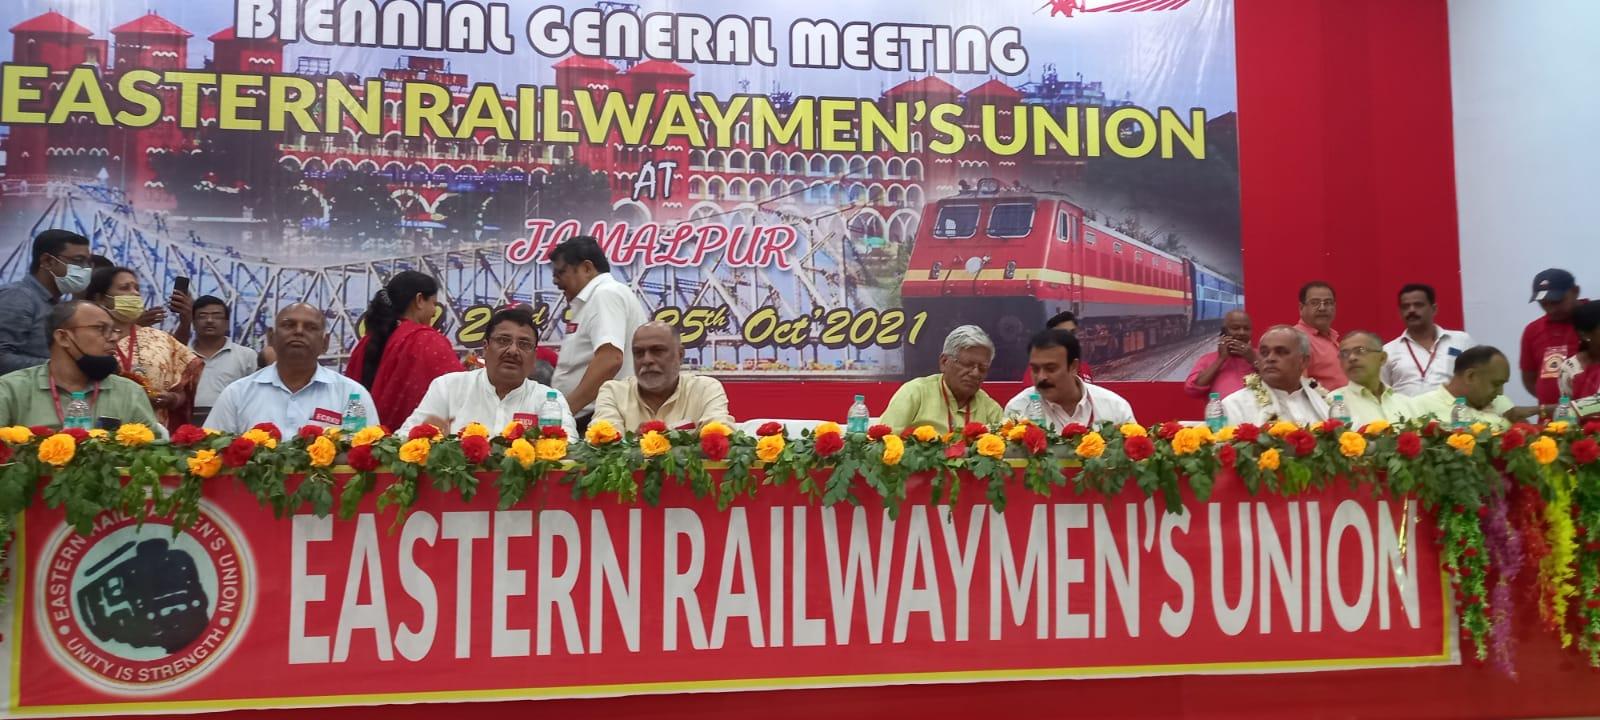 रेल को न बिकने व न निजीकरण होने देगें : शिव गोपाल,मेंस यूनियन का 15वीं तीन दिवसीय द्विवार्षिक अधिवेशन शुरू,